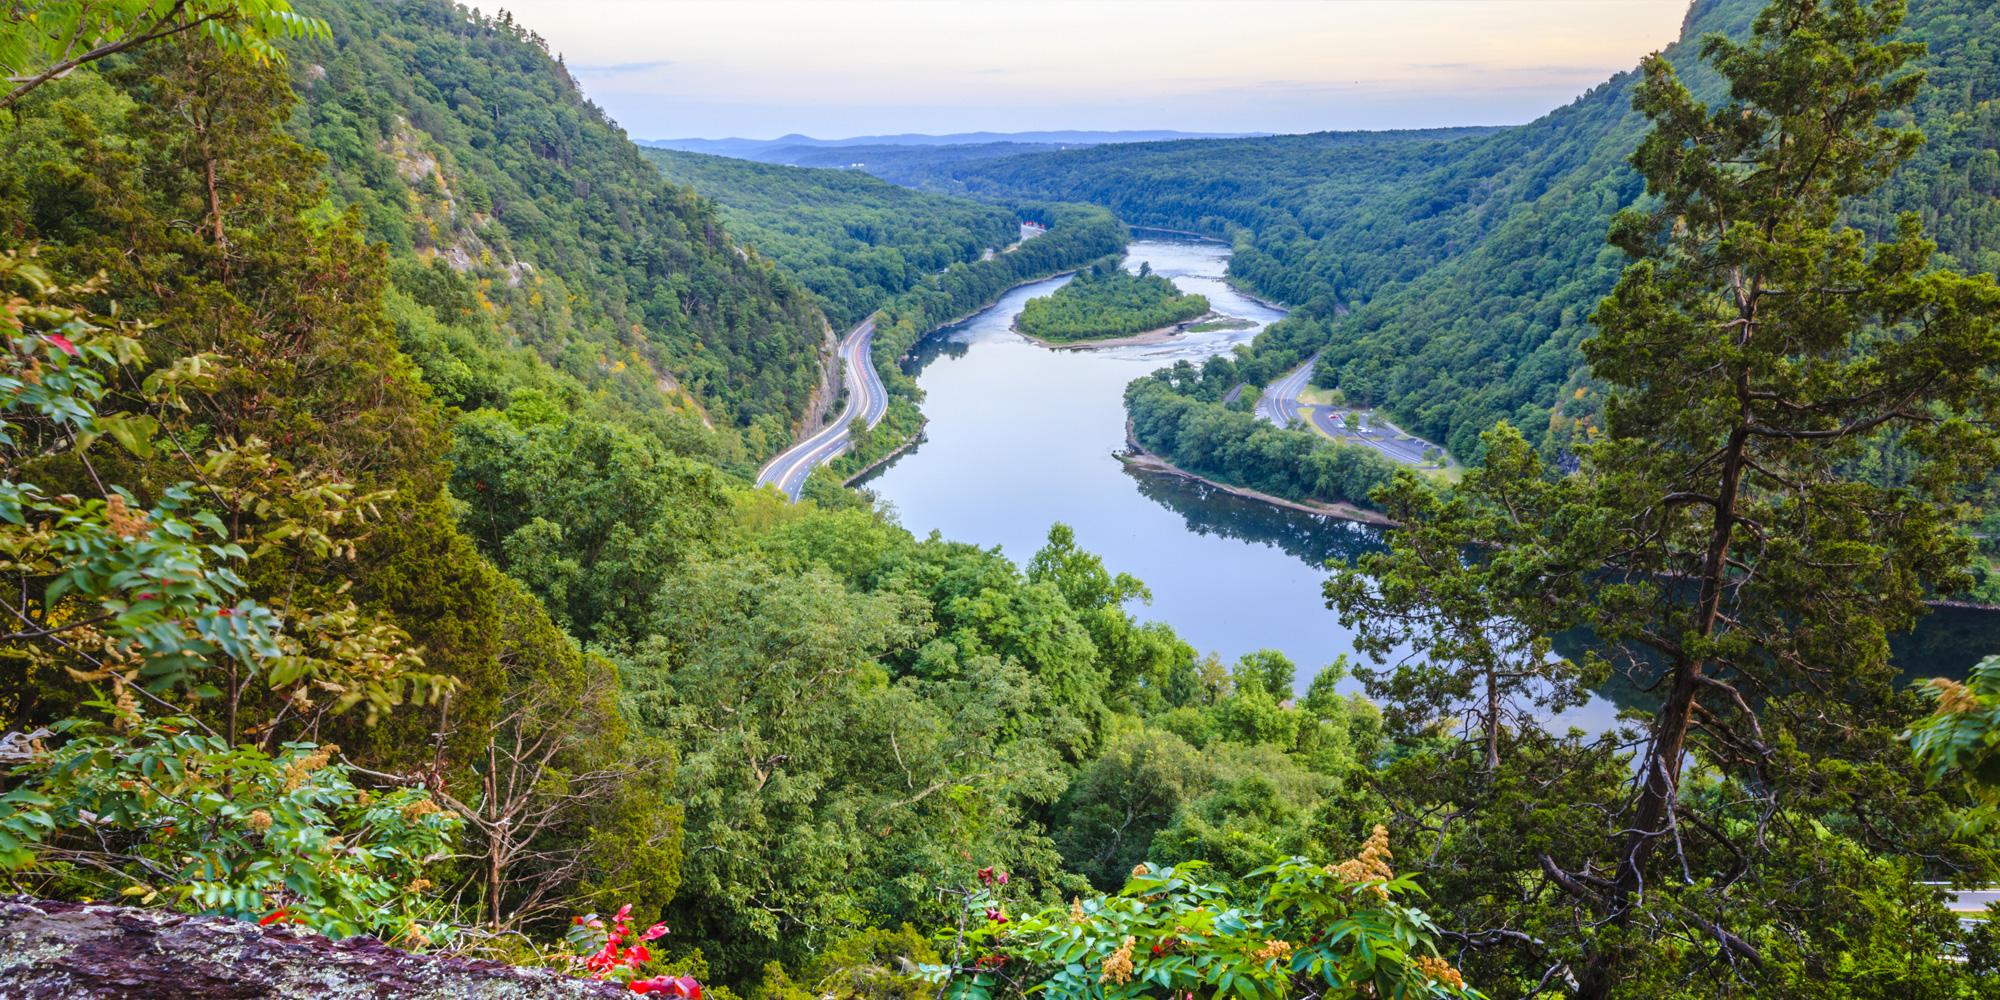 Delaware Water Gap Ariel View